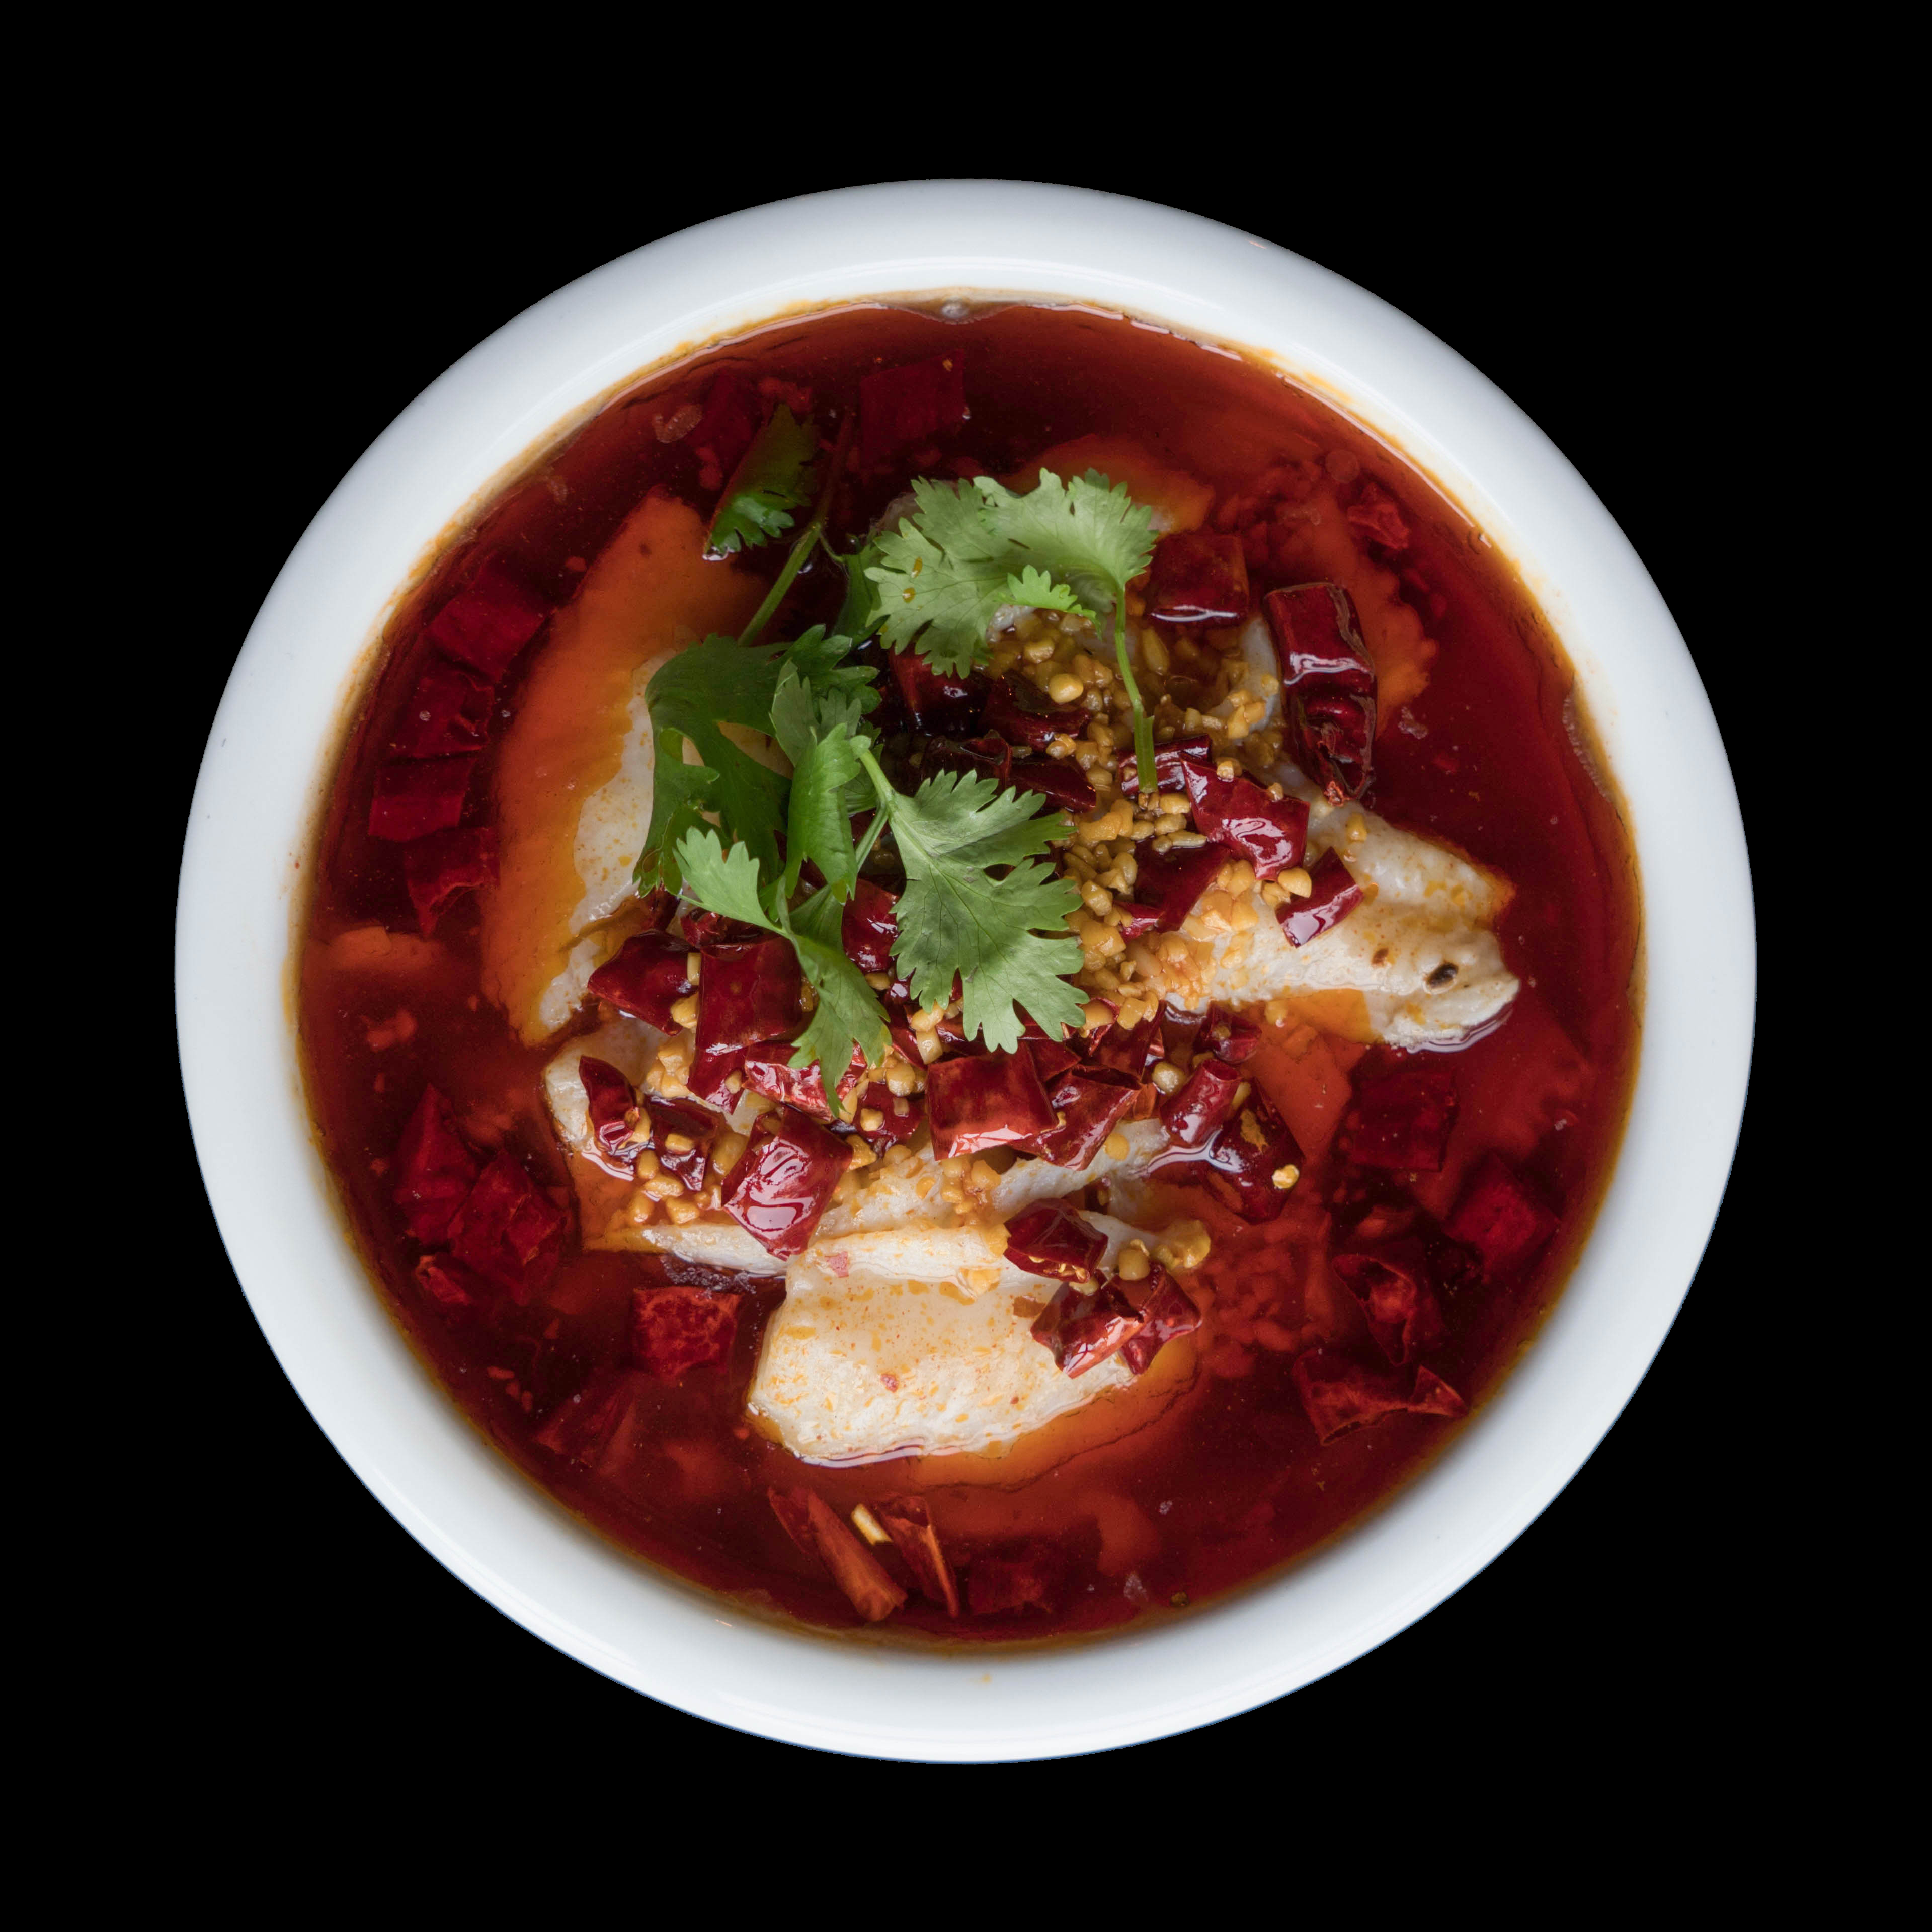 79. 水煮 Szechuan Chili Oil Based Image